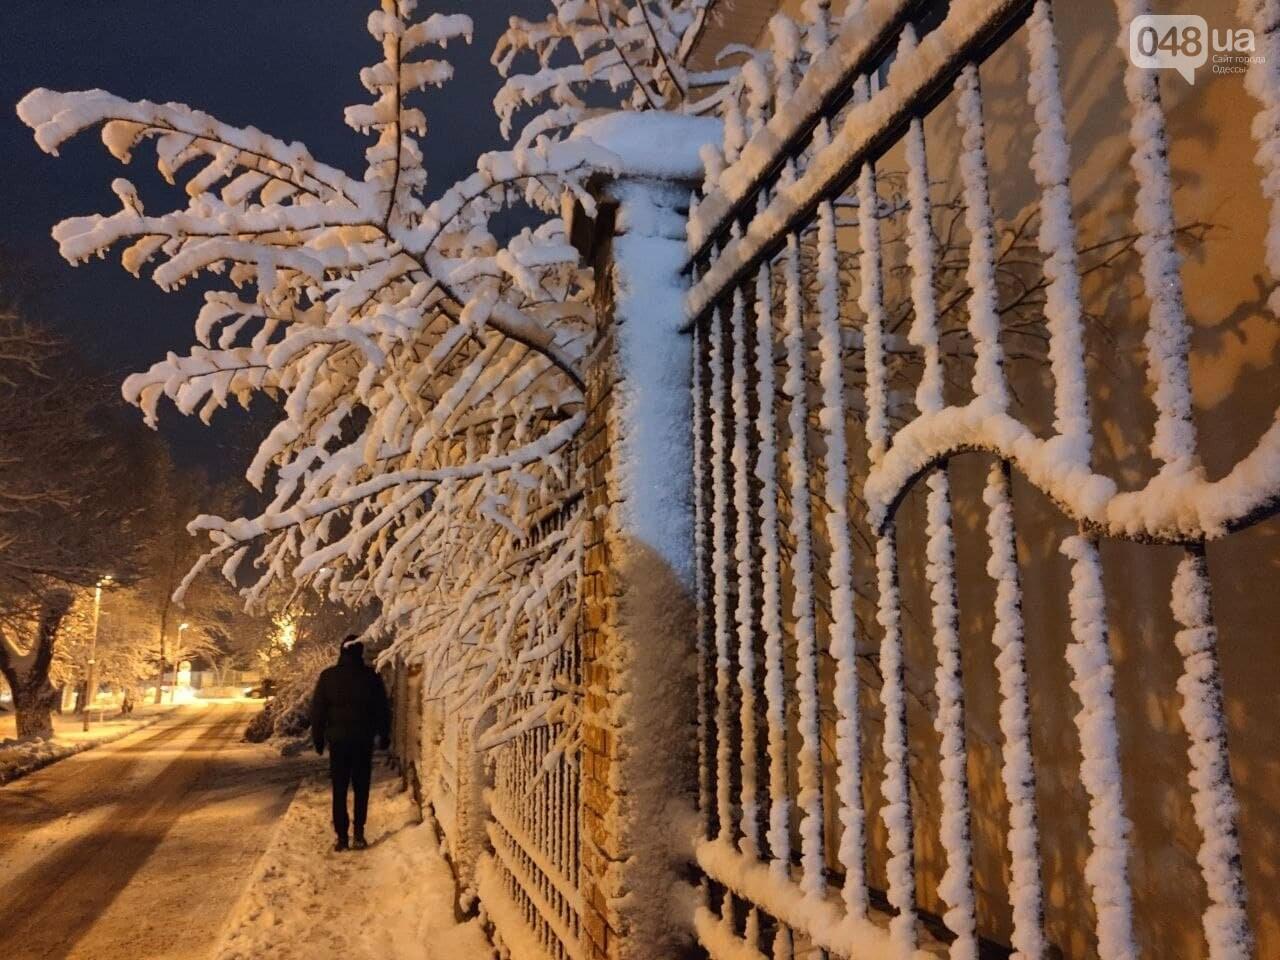 Зимняя сказка на одесской Рублевке: как выглядит Совиньон в снегу, - ФОТОРЕПОРТАЖ, фото-18